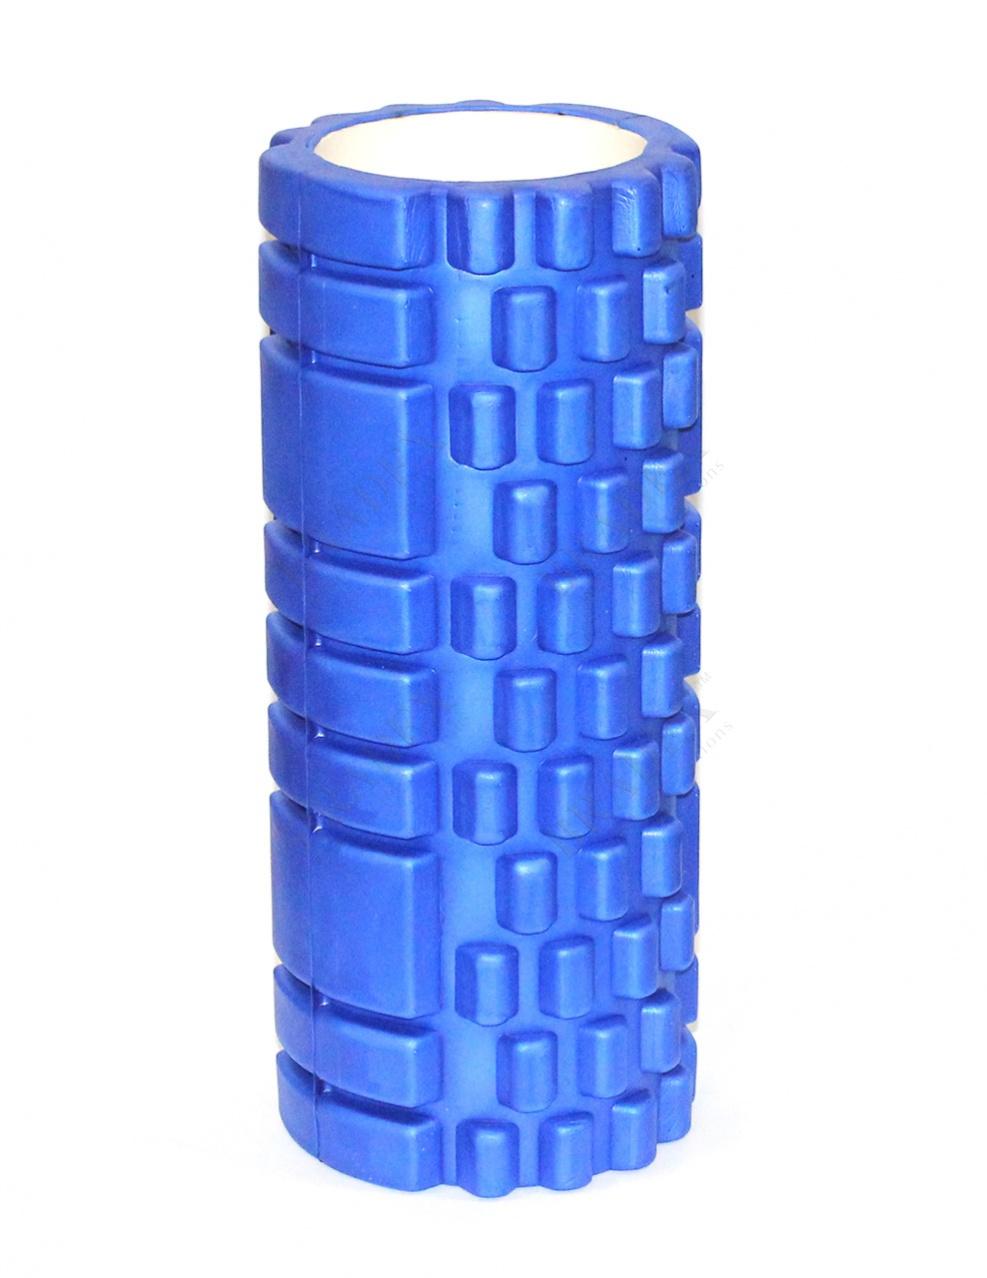 Валик для фитнеса Bradex Туба, цвет: синийSF 0064Валик для фитнеса Bradex Туба - это эффективный инструмент в борьбе за здоровое, подтянутое тело и ваш личный массажер. Интенсивные тренировки ведут к выработке в нашем организме молочной кислоты, из-за которой и болят ваши мышцы на следующий после занятий день. Однако из-за слабого кровообращения молочная кислота накапливается и причиняет ощутимую боль. Специальное покрытие валика стимулирует кровообращение, расслабляя мышцы и принося облегчение. Ежедневные занятия с валиком Bradex Туба делают мышцы подтянутыми и упругими.